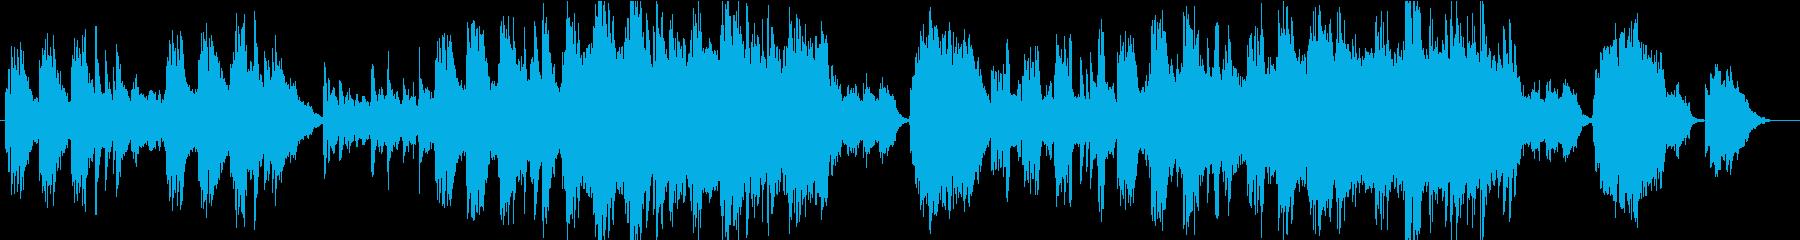 静かで叙情的なクラシック風ワルツの再生済みの波形